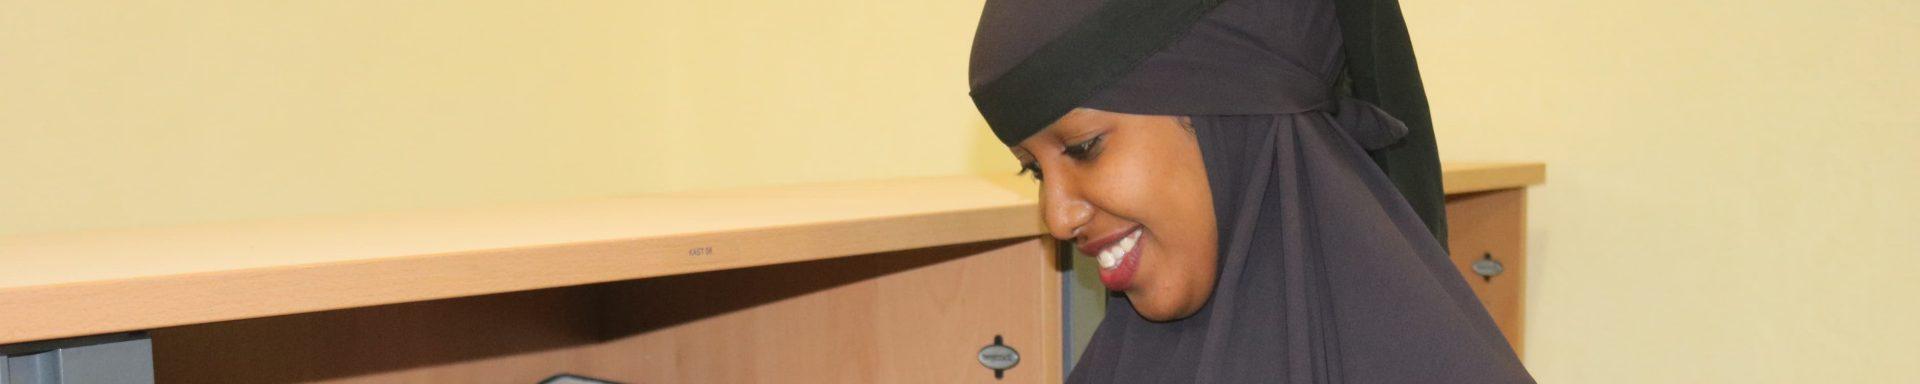 Een vrouw in Somalië kijkt een boek in.